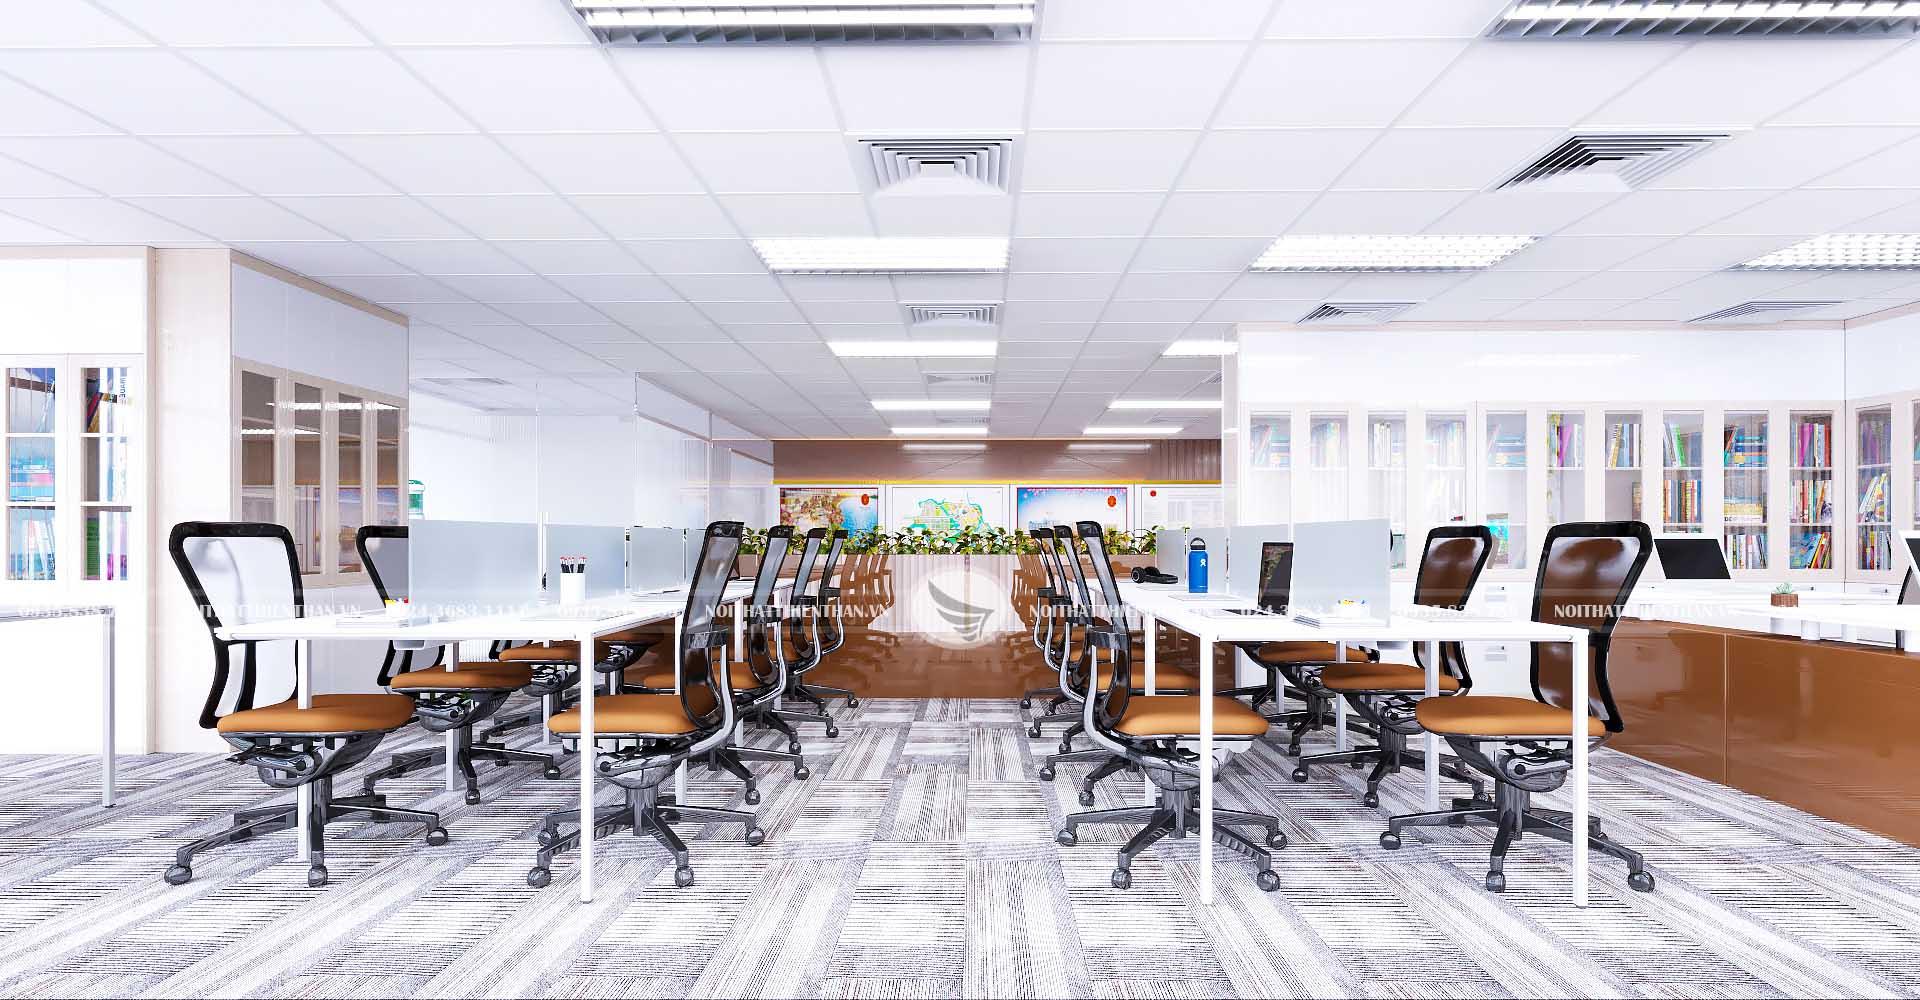 thiết kế phòng họp của tập đoàn lớn